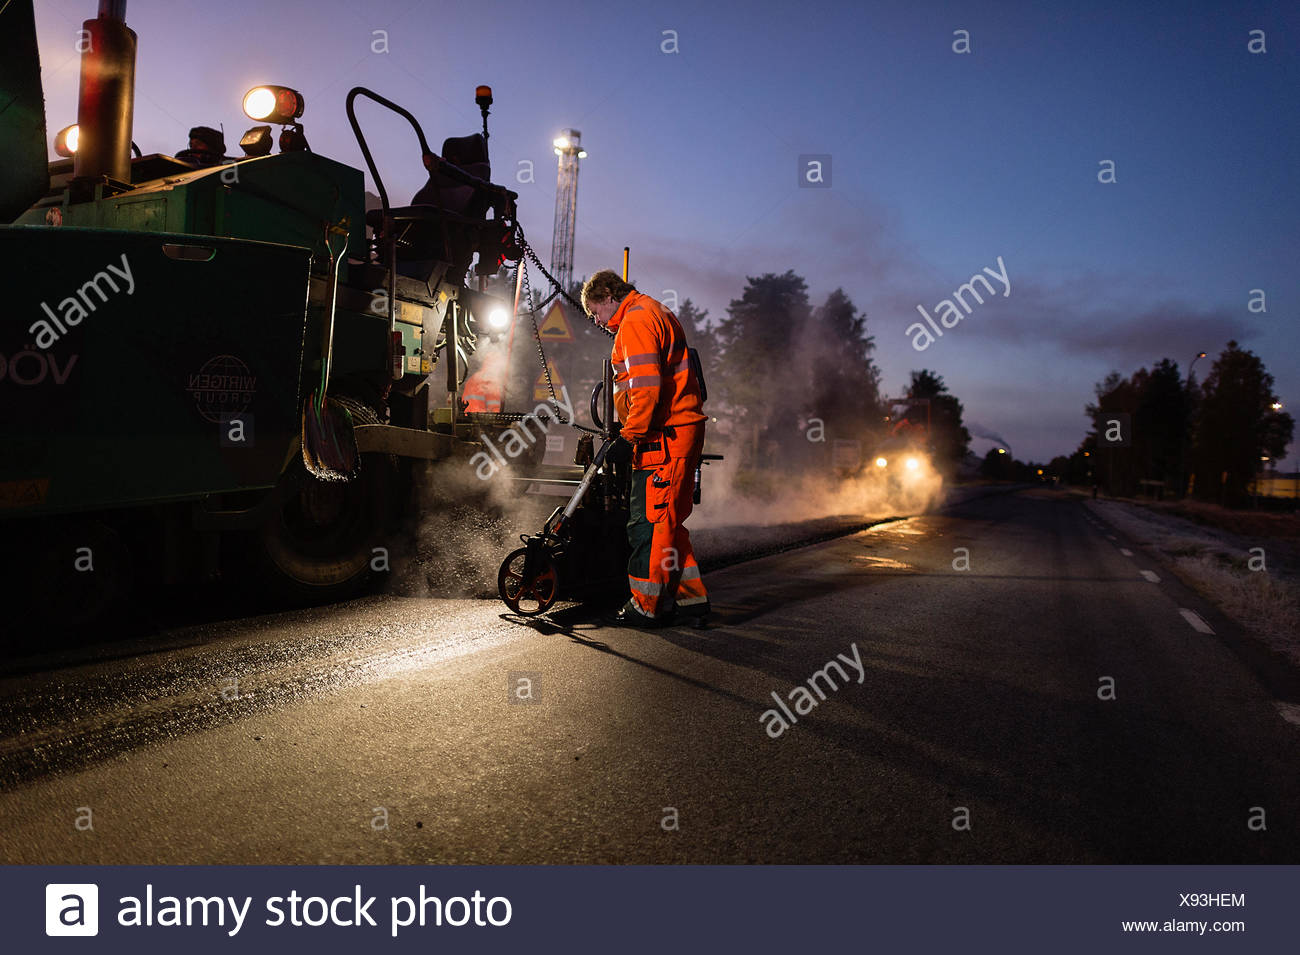 Suecia, Narke, tres trabajadores manuales reparación de carretera Imagen De Stock